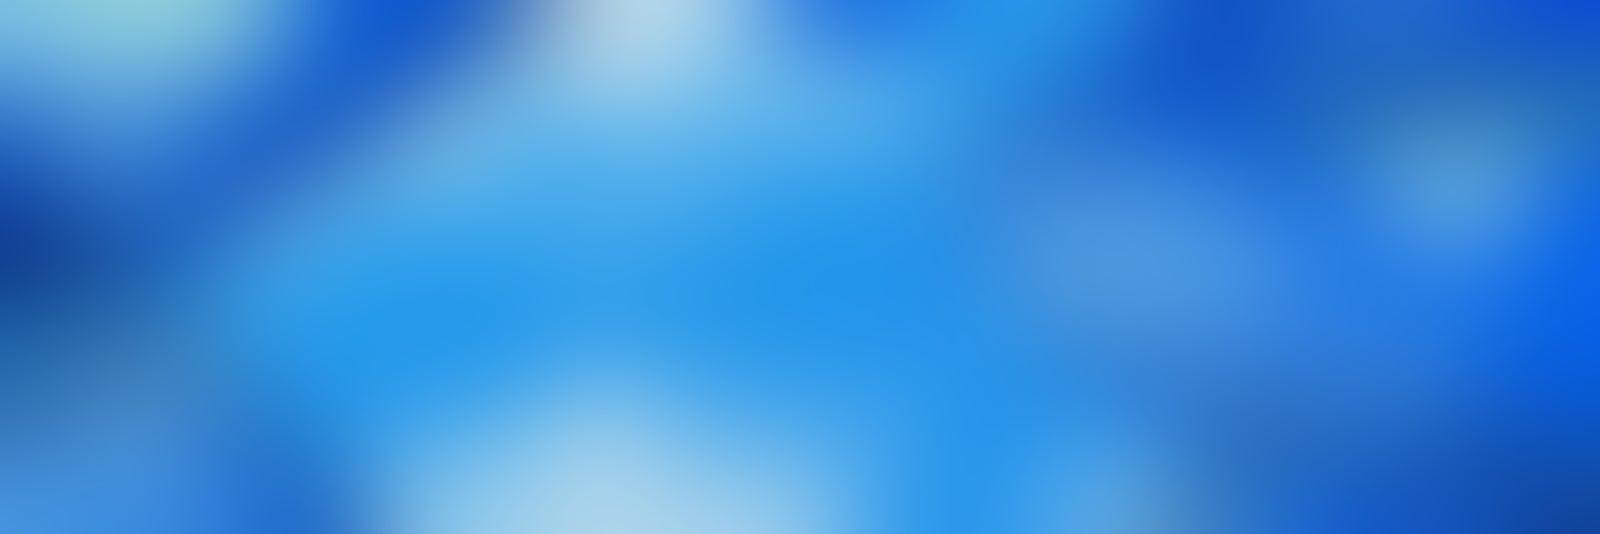 《曼恩·哈恩》:《CRRRRRRRRRRRT的作品中:——————————————————————————————我是,他们的画